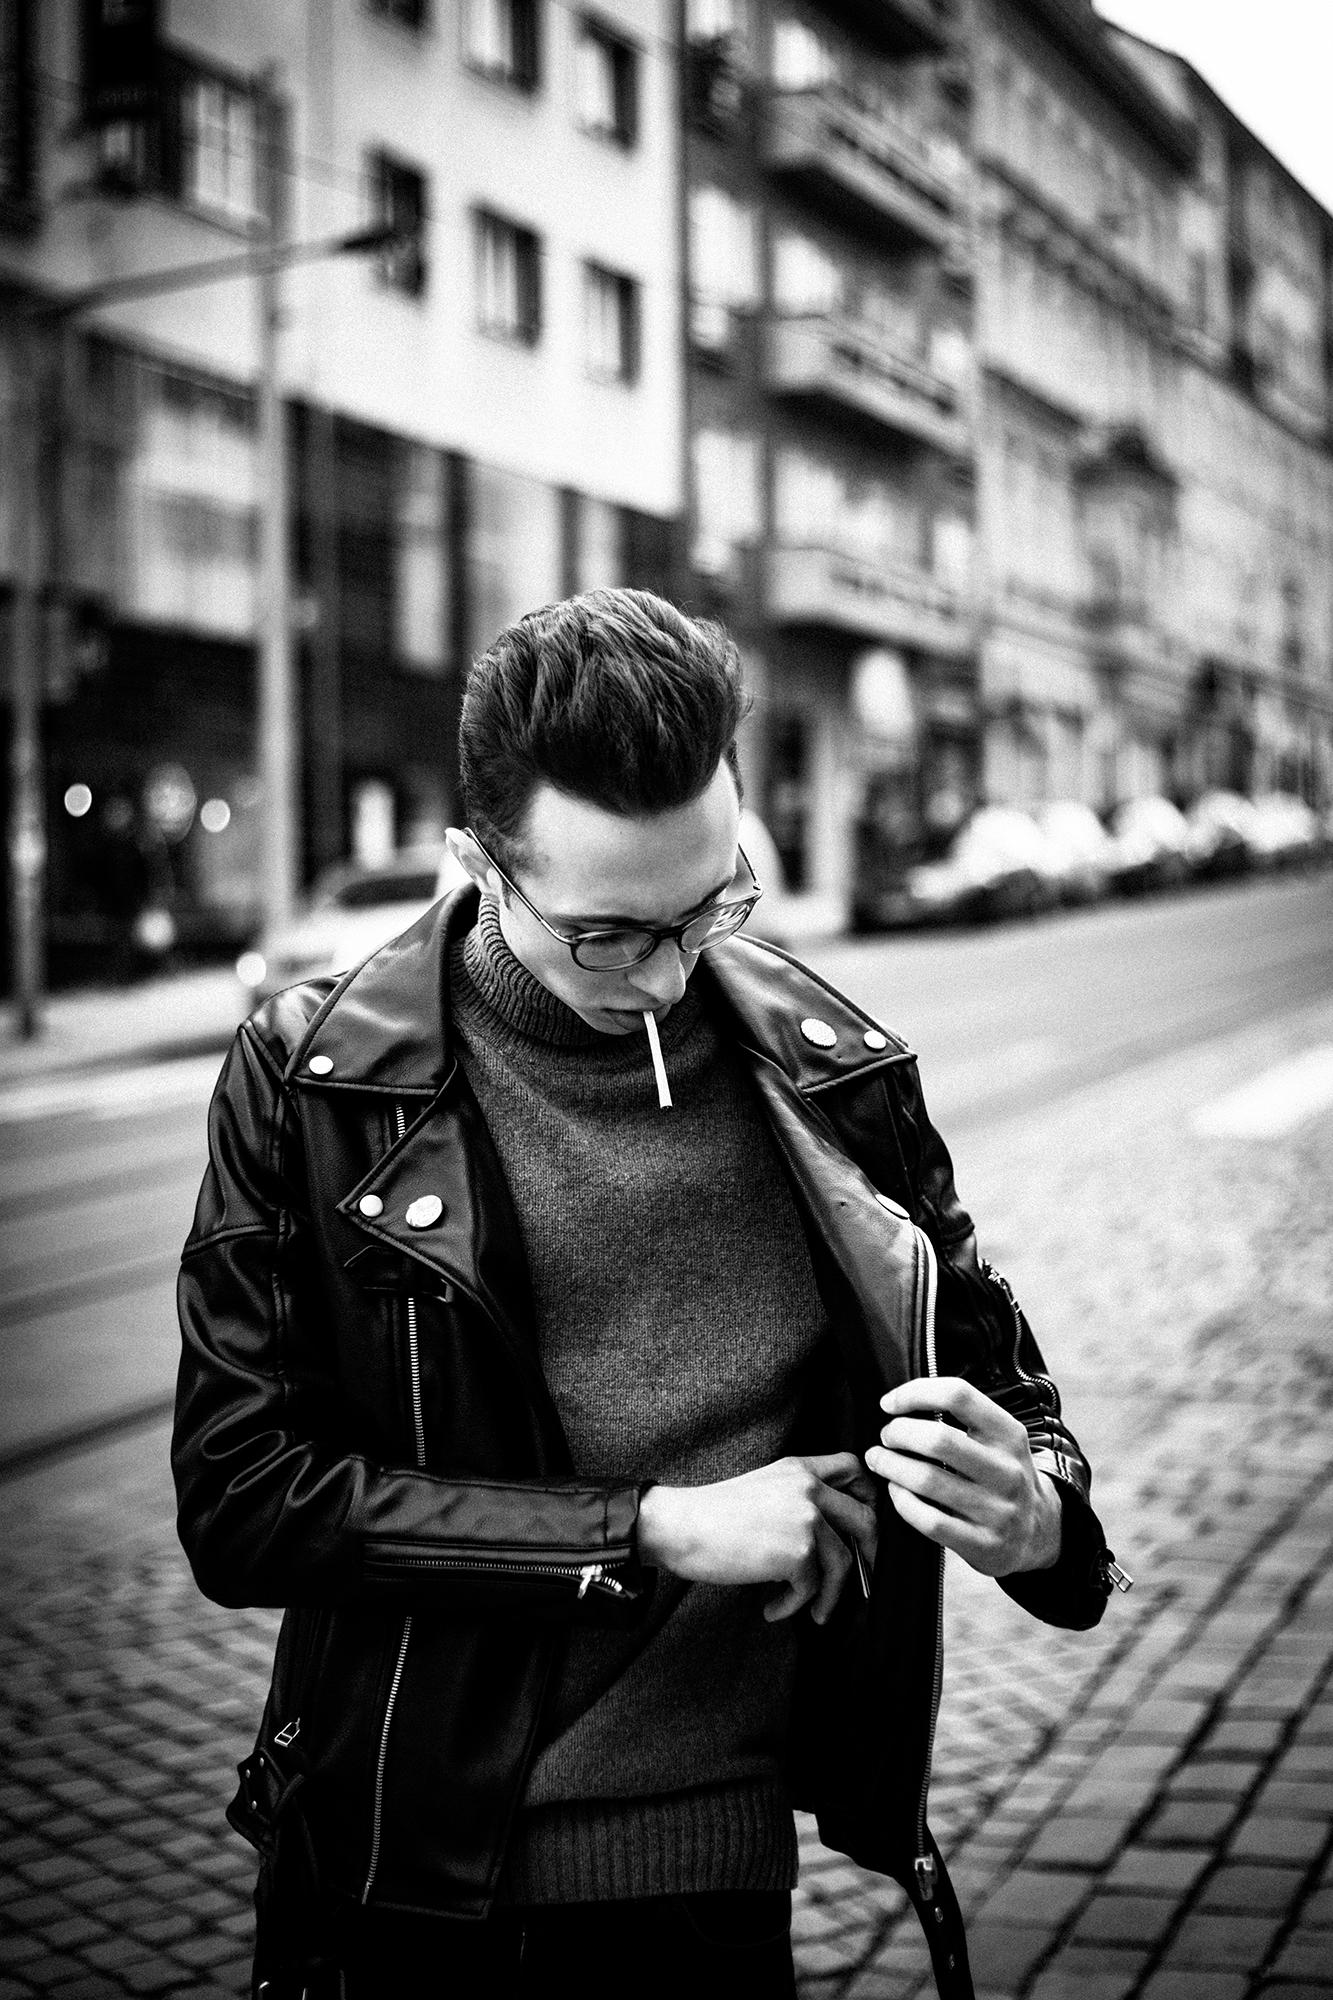 Petr_Mol_photo_39